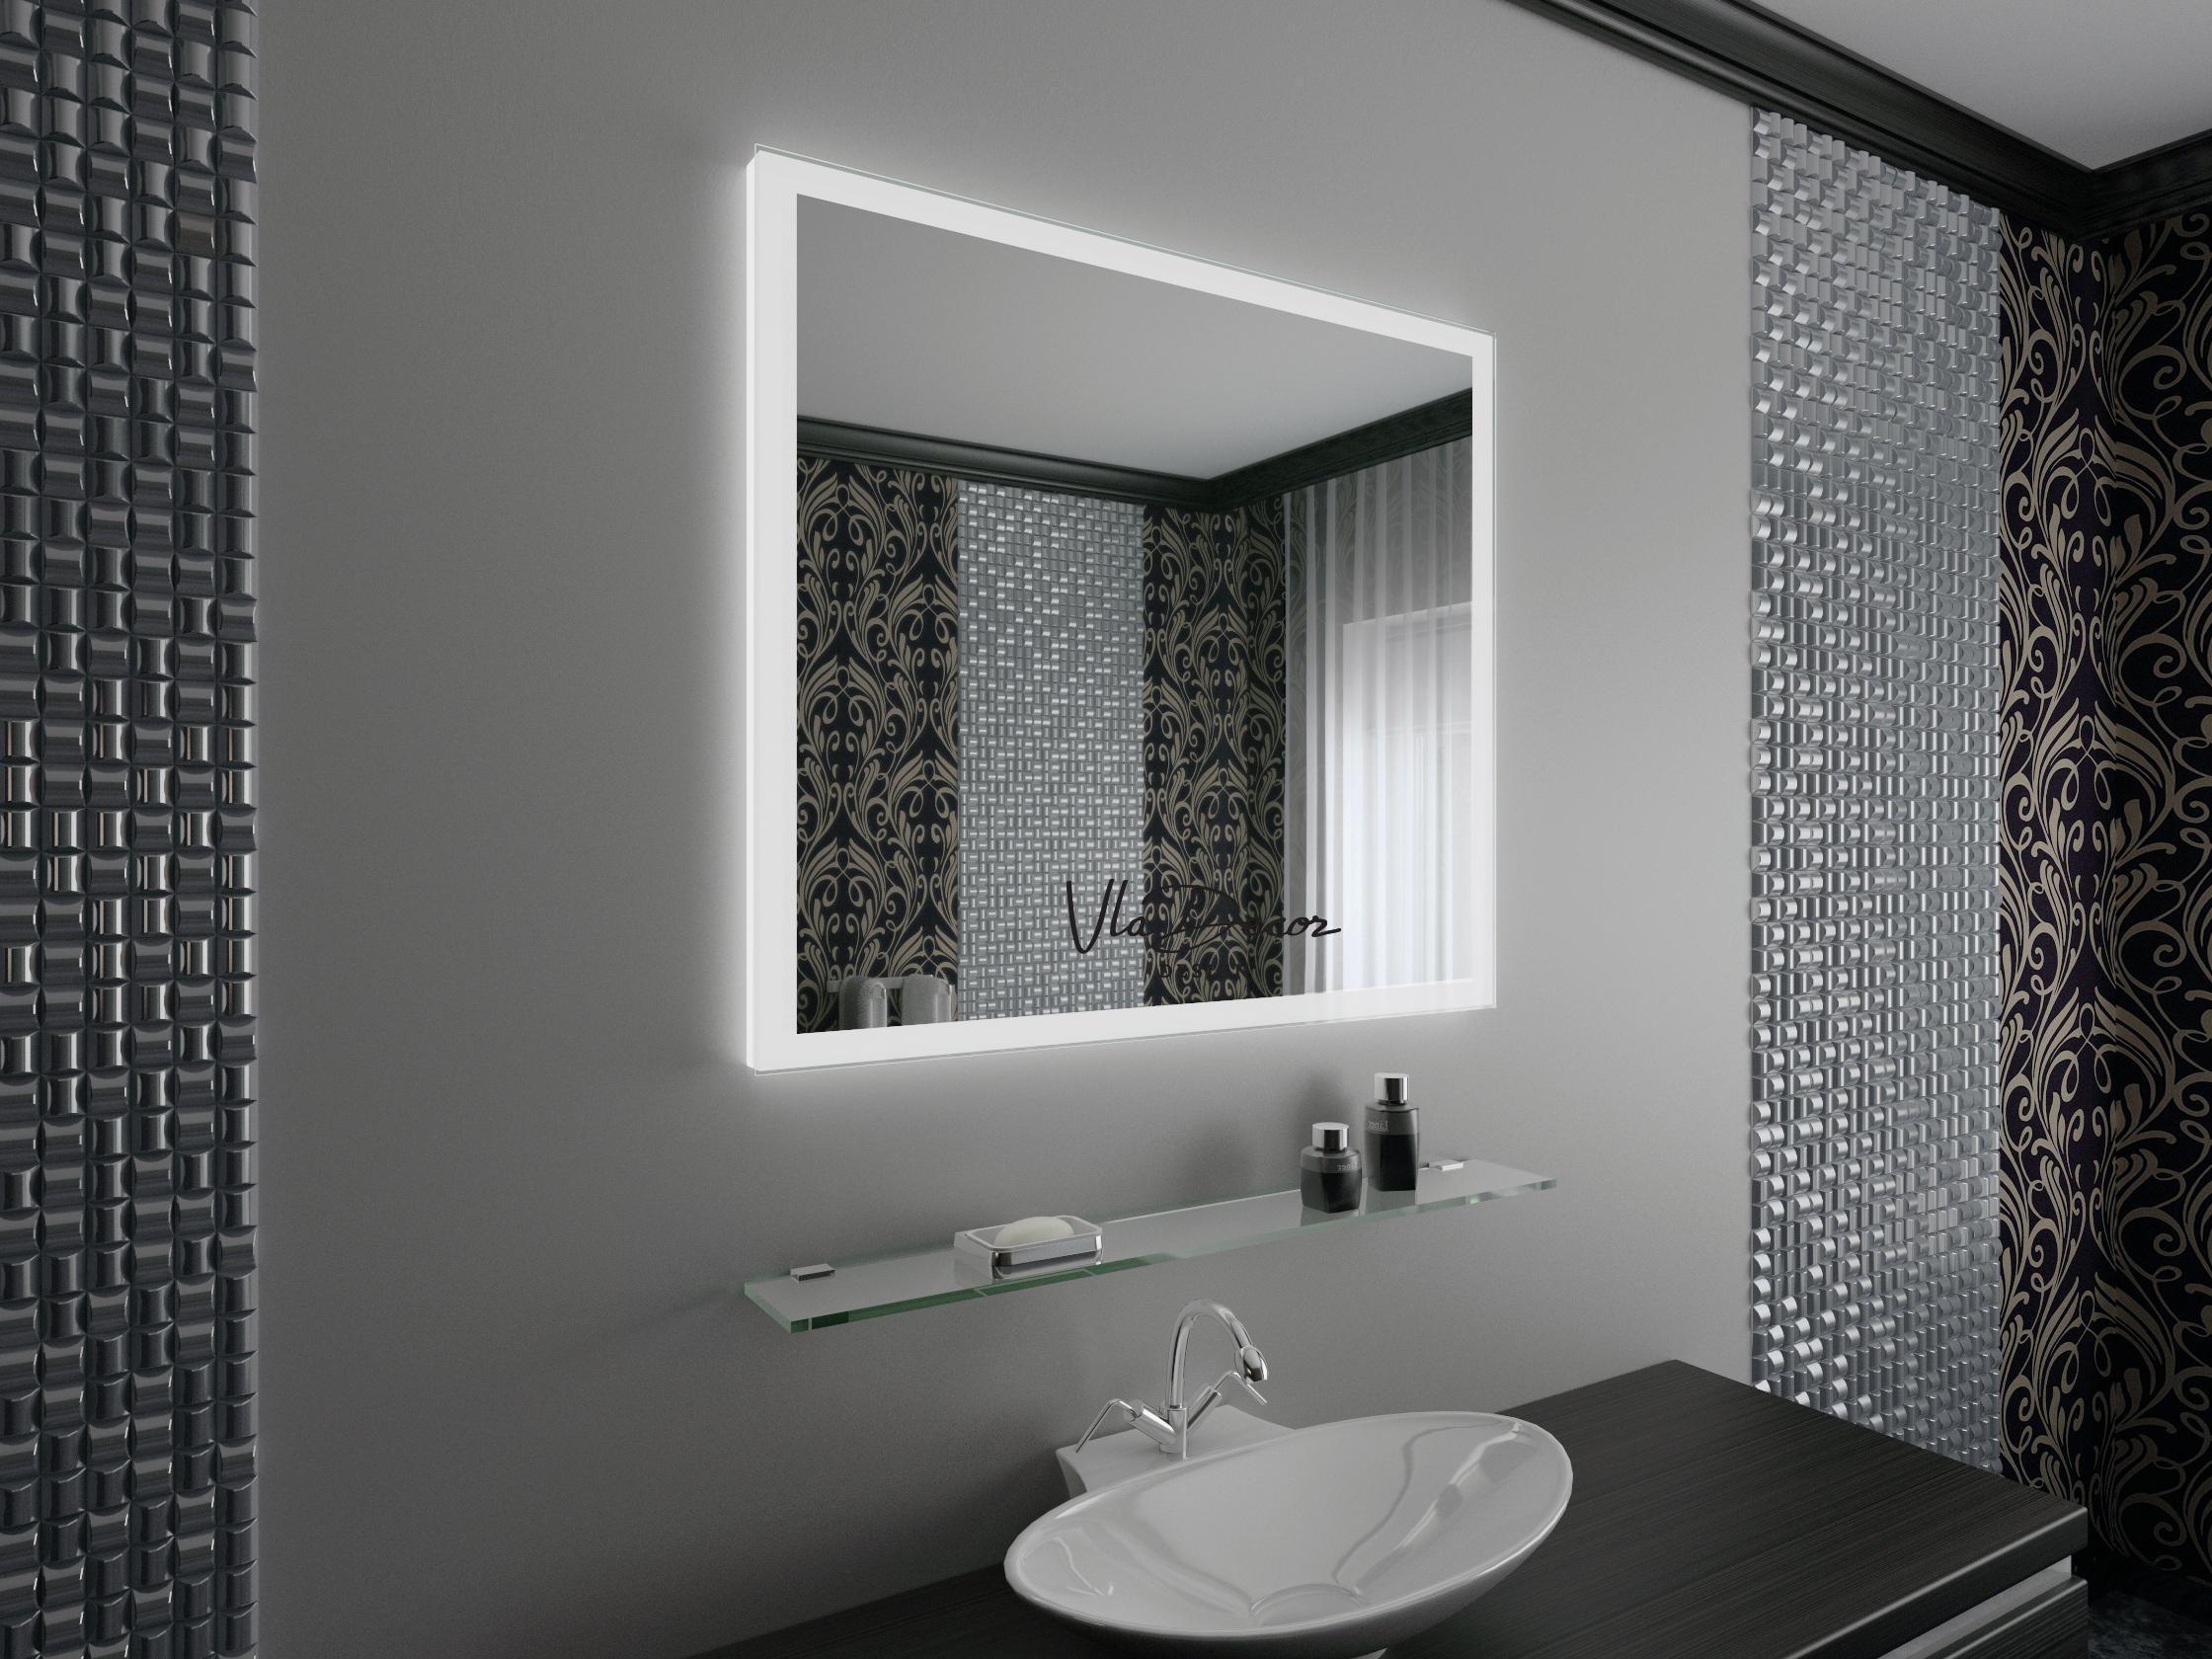 Светодиодное освещение в ванной комнате_4